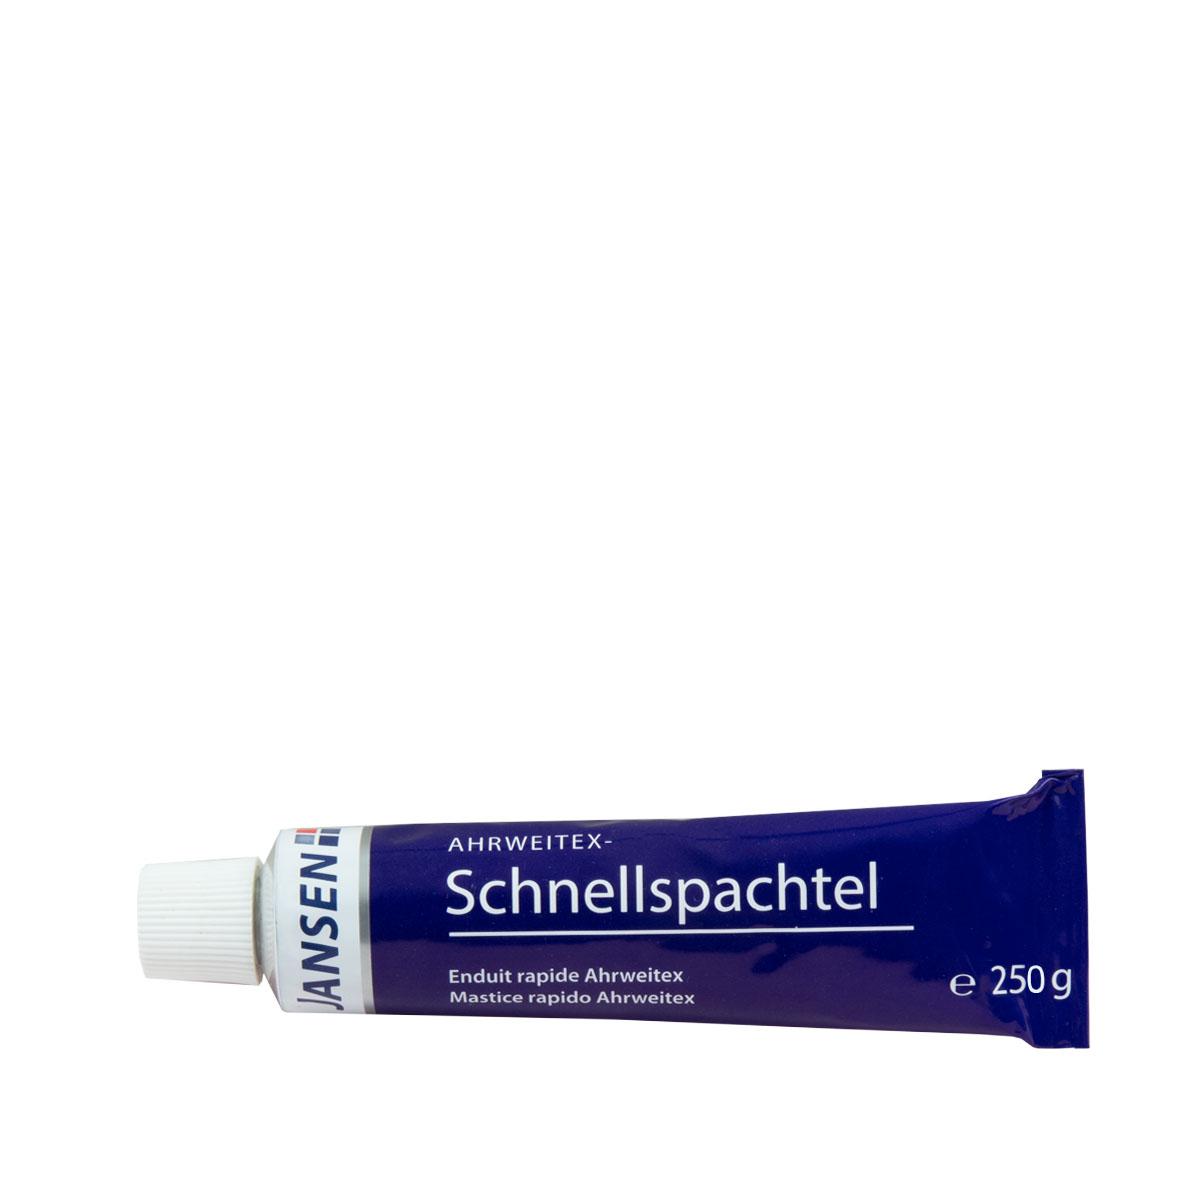 Jansen Ahrweitex-Schnellspachtel 250g Tube, Malerspachtel